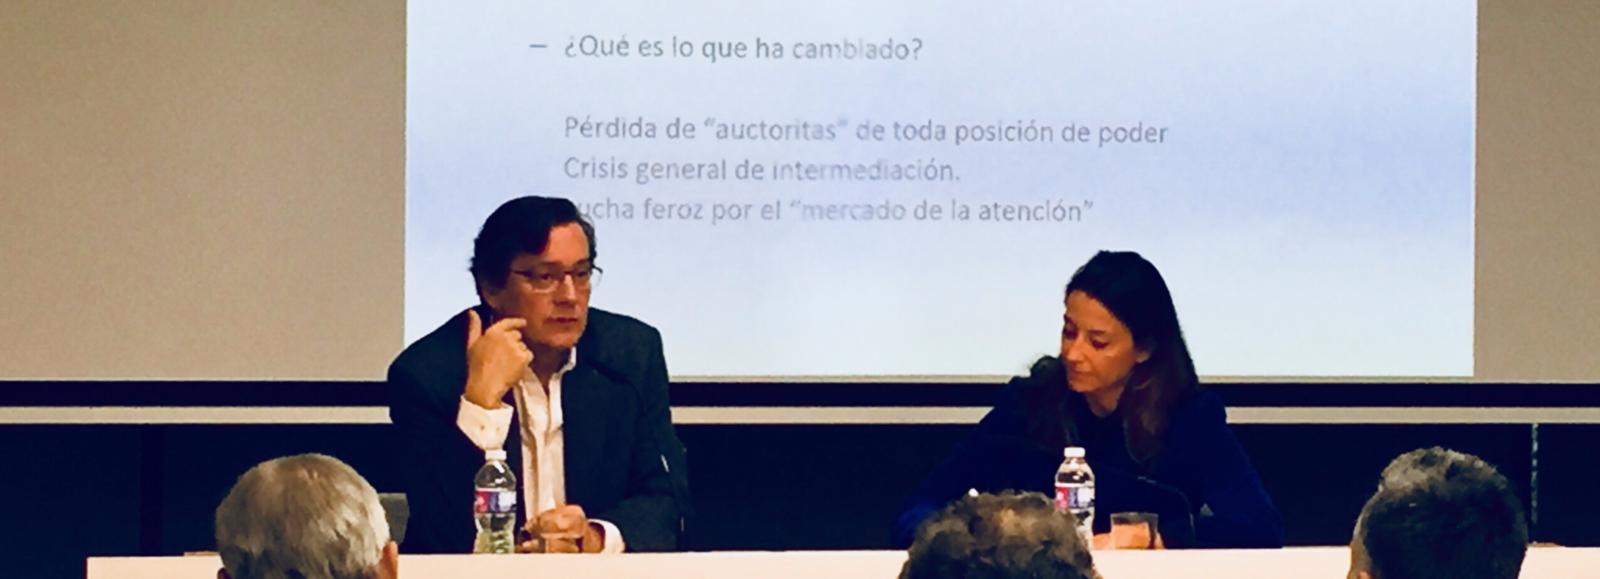 """Fernando Vallespín: """"La revolución digital ha creado una lucha feroz por el mercado de la atención"""""""